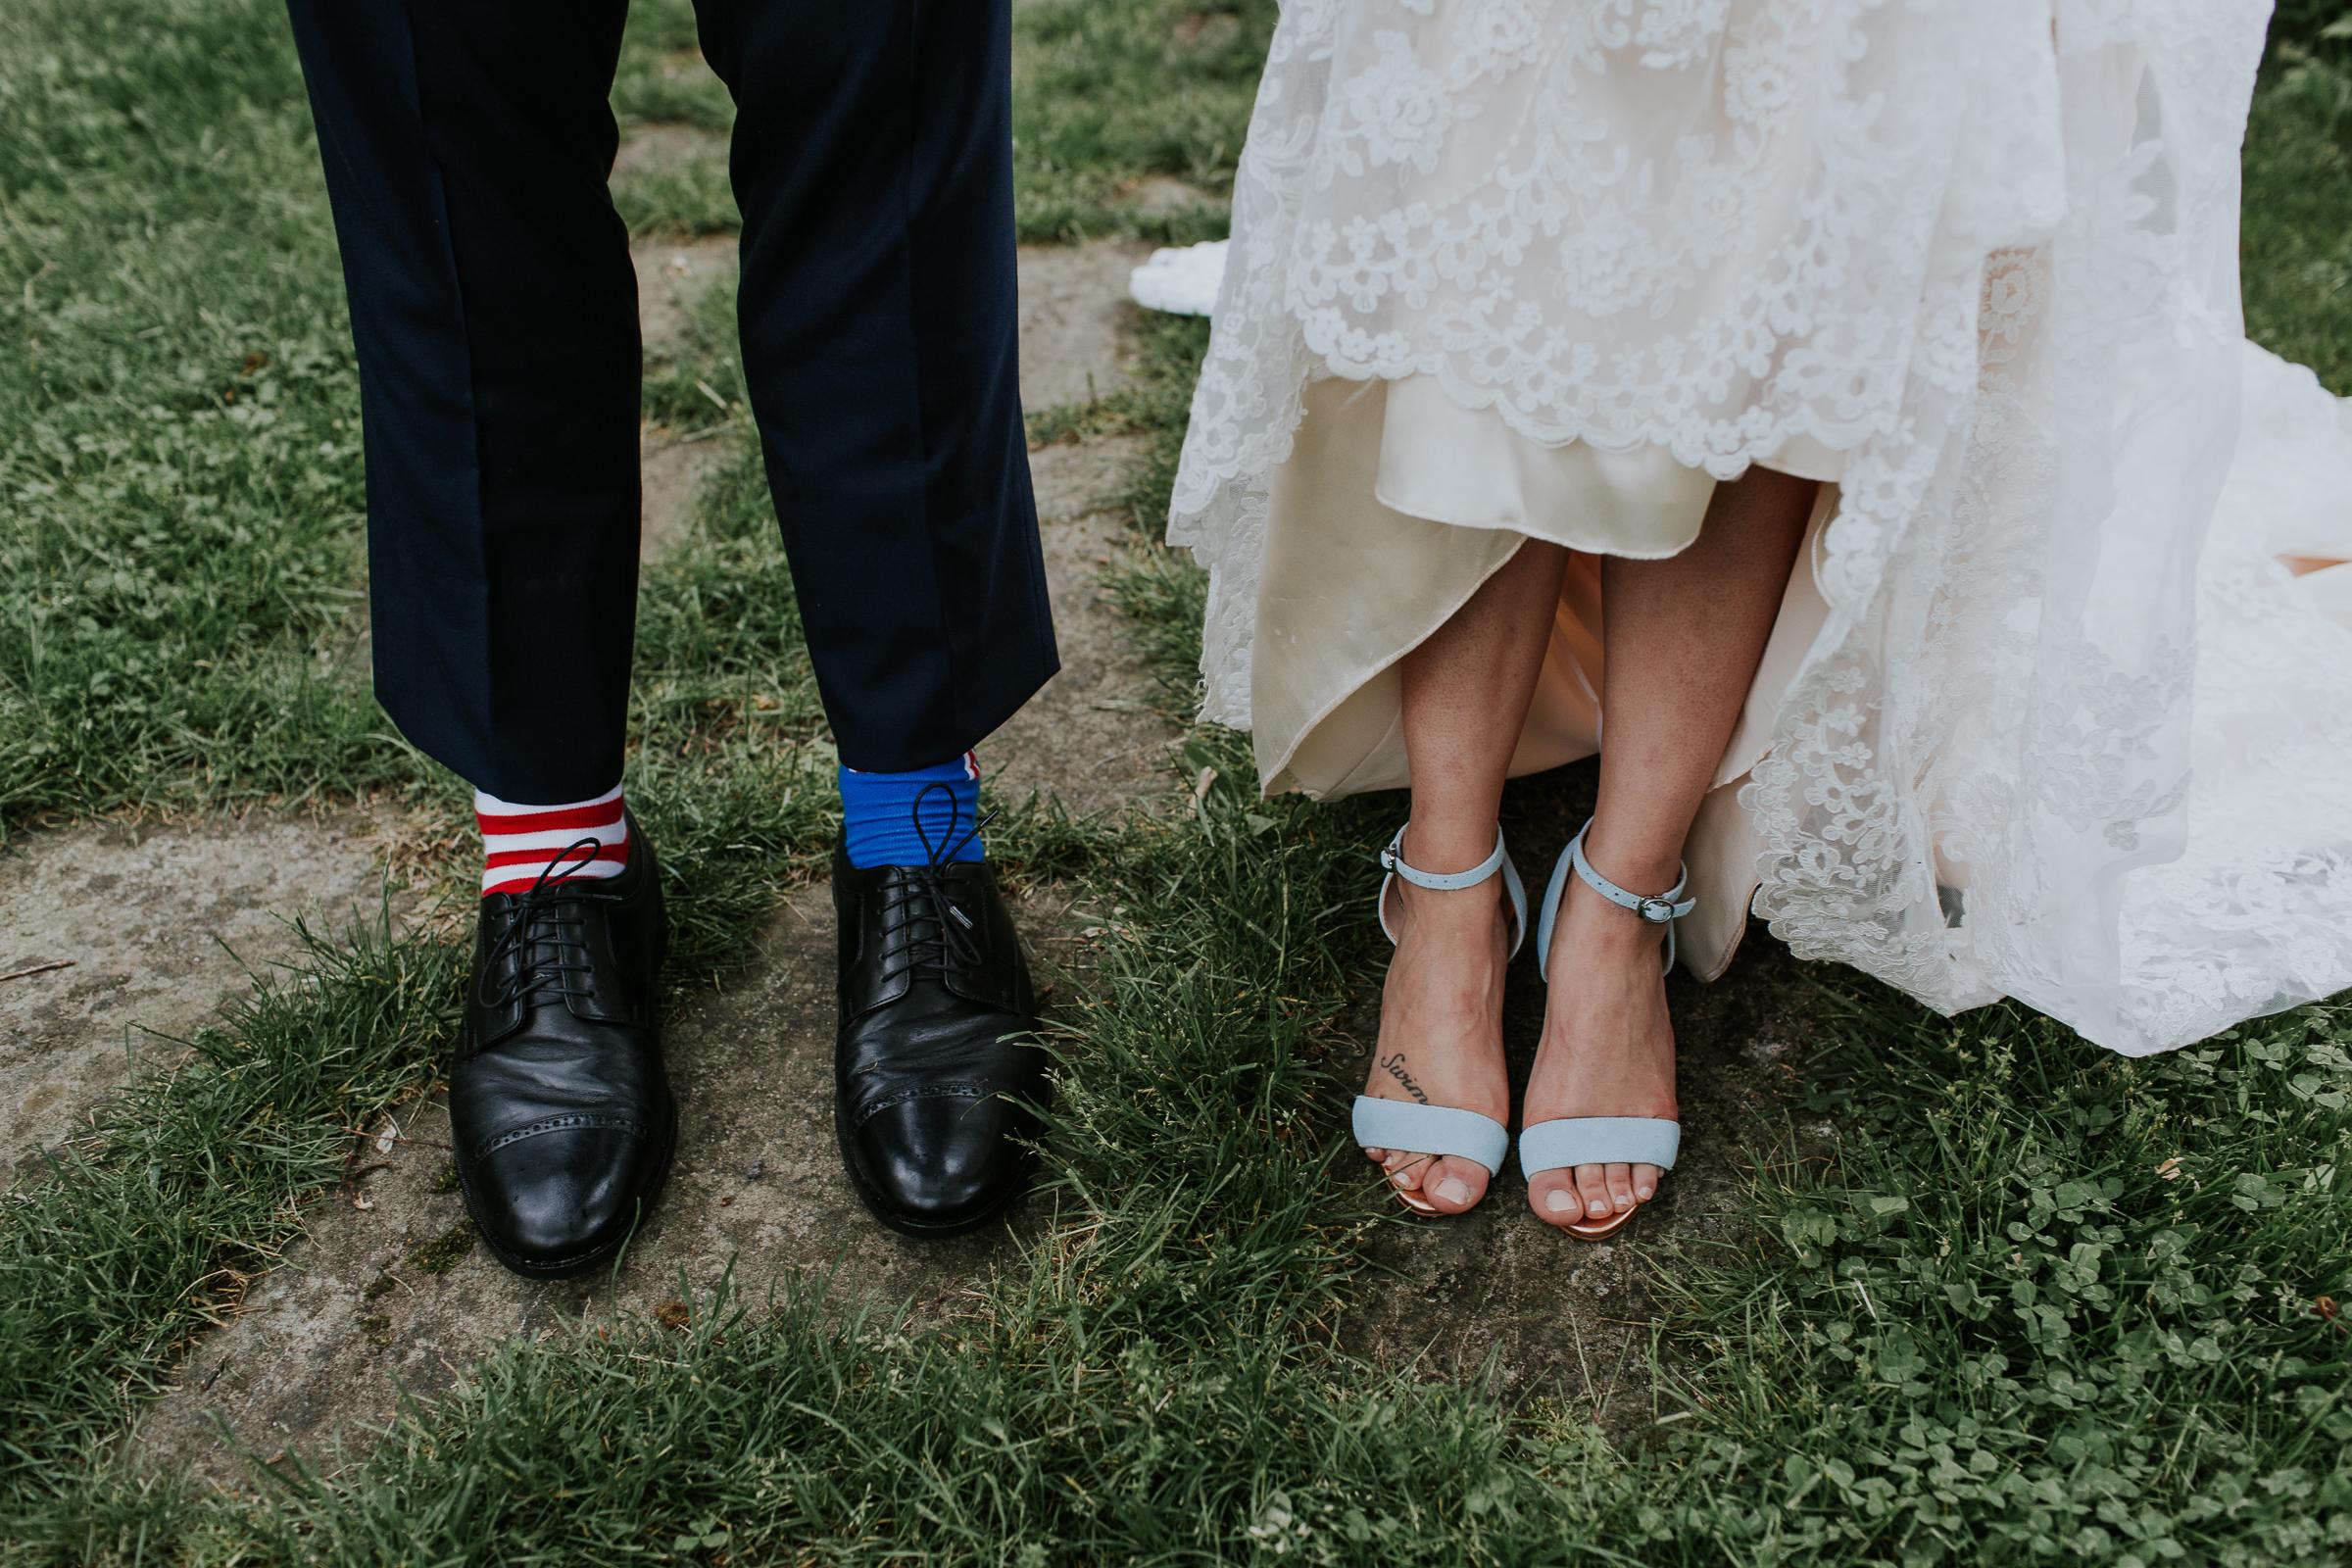 Crossed-Keys-Estate-Andover-NJ-Fine-Art-Documentary-Wedding-Photographer-49.jpg